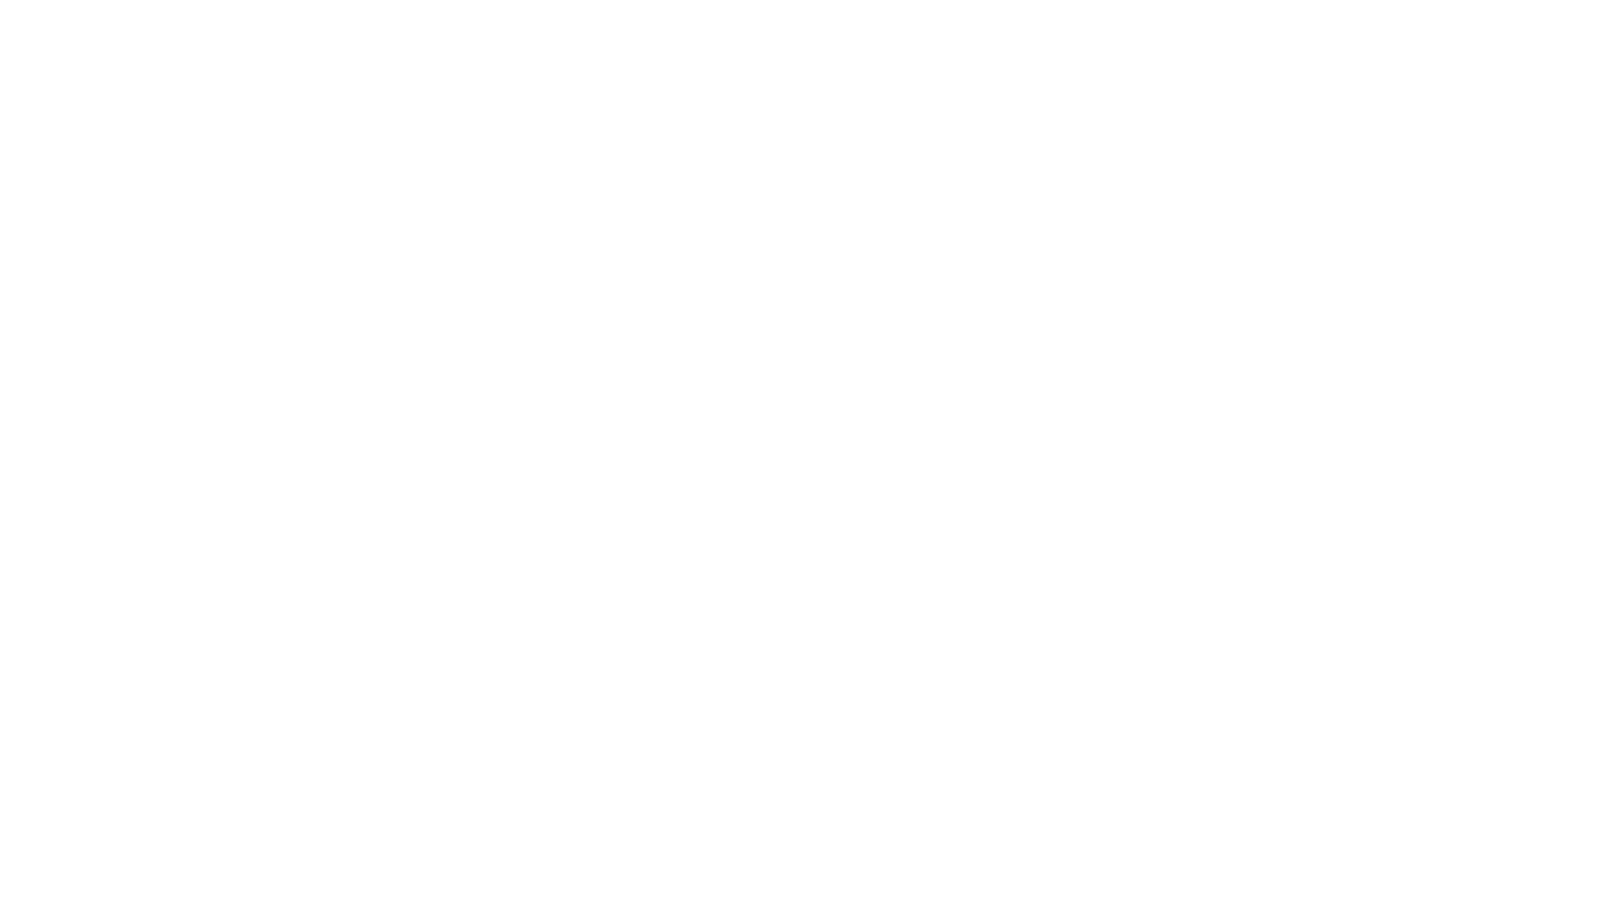 """Sledujte s námi zahájení akce Robothon 2021 živě přenášené ze Švandova divadla.  Robothon je 36 hodinový hackathon coby oslava stoletého výročí vzniku slova """"robot"""", které se objevilo poprvé před 100 lety ve hře R.U.R. Karla Čapka. Pojďme společně přinést Česku další průkopnickou inovaci."""